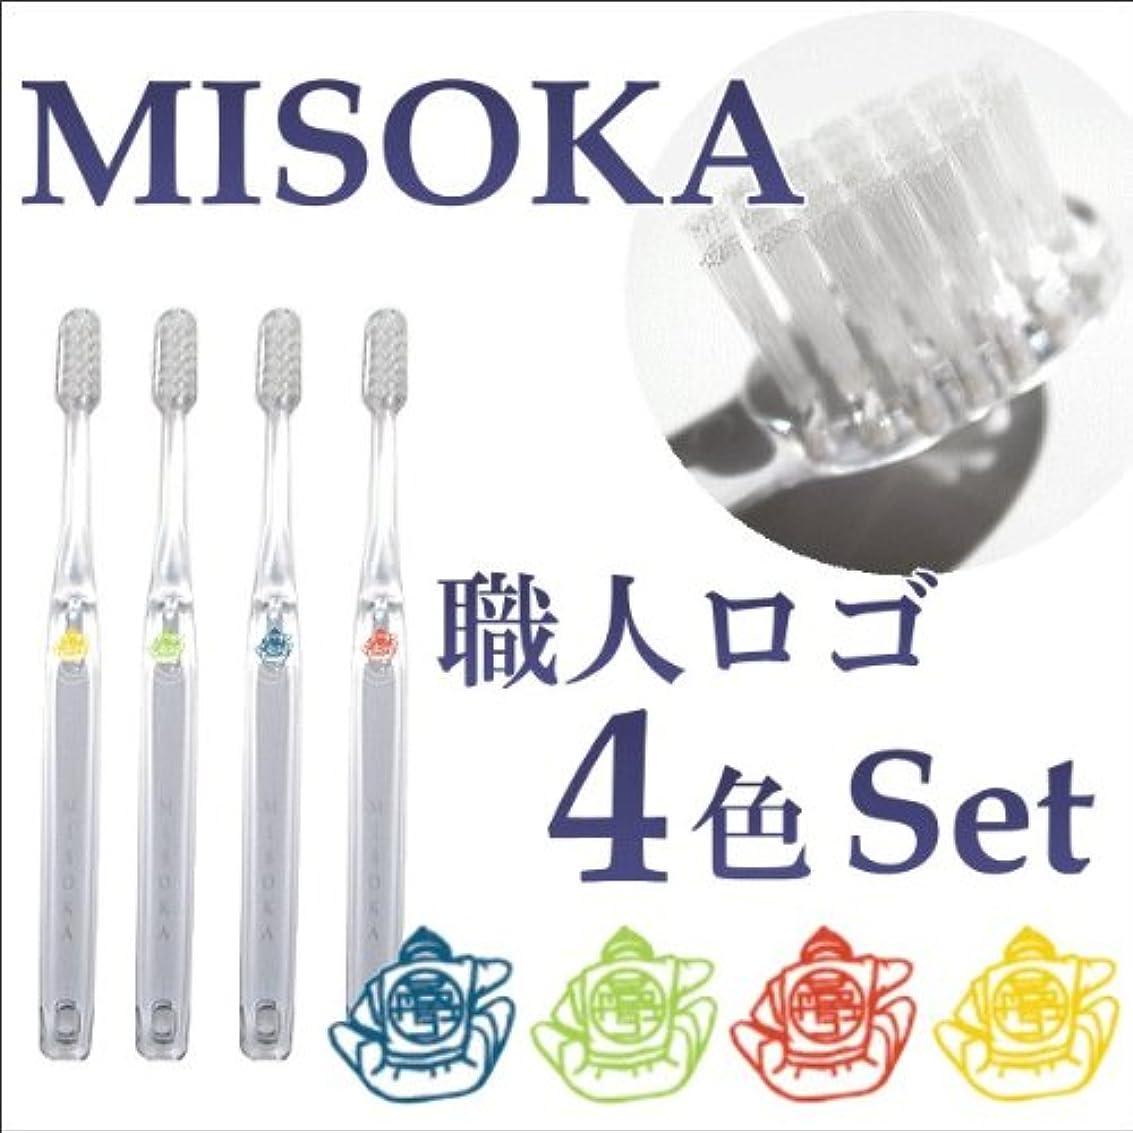 呼び出す義務付けられたミシン目「MISOKA」職人技の歯ブラシ ミソカ 職人ロゴ4色セット×2セット